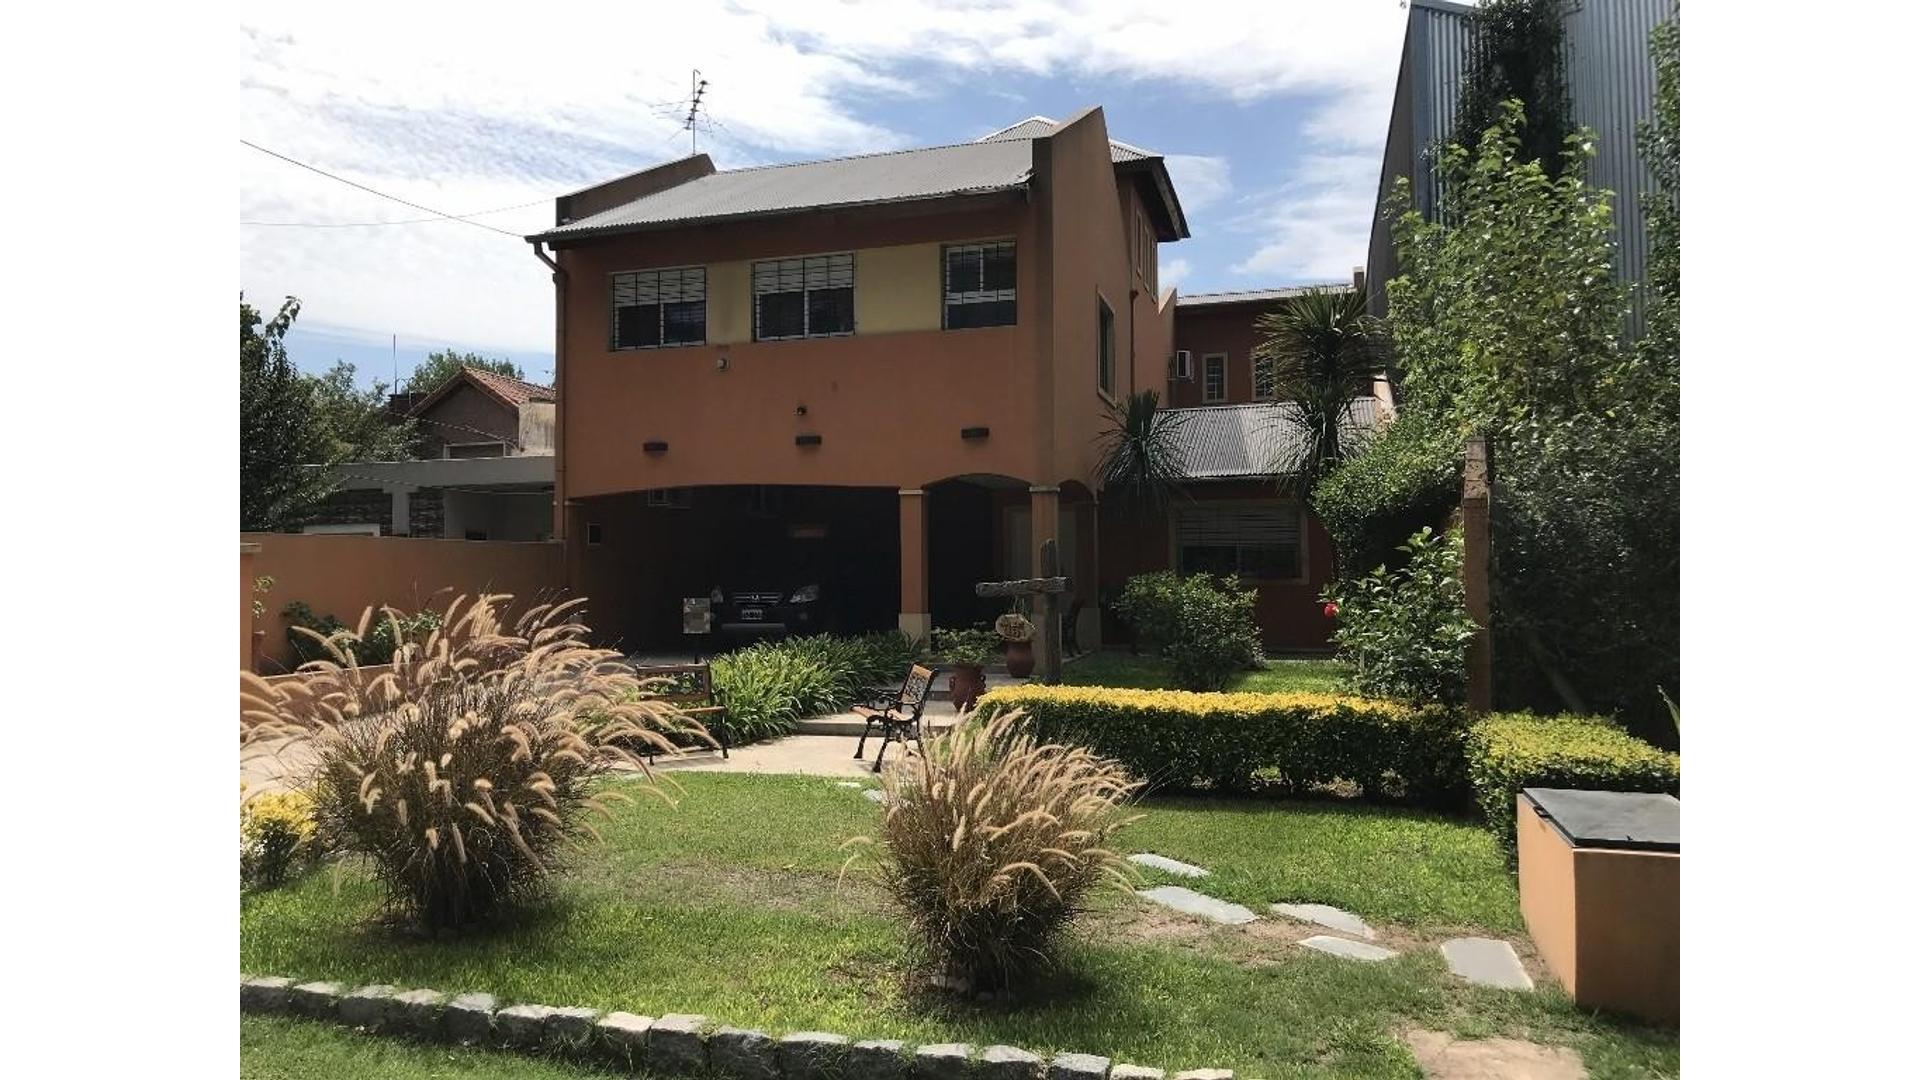 Excelente casa en venta en B° C° Parque Pero. 4 dormitorios, hermoso quincho, piscina.